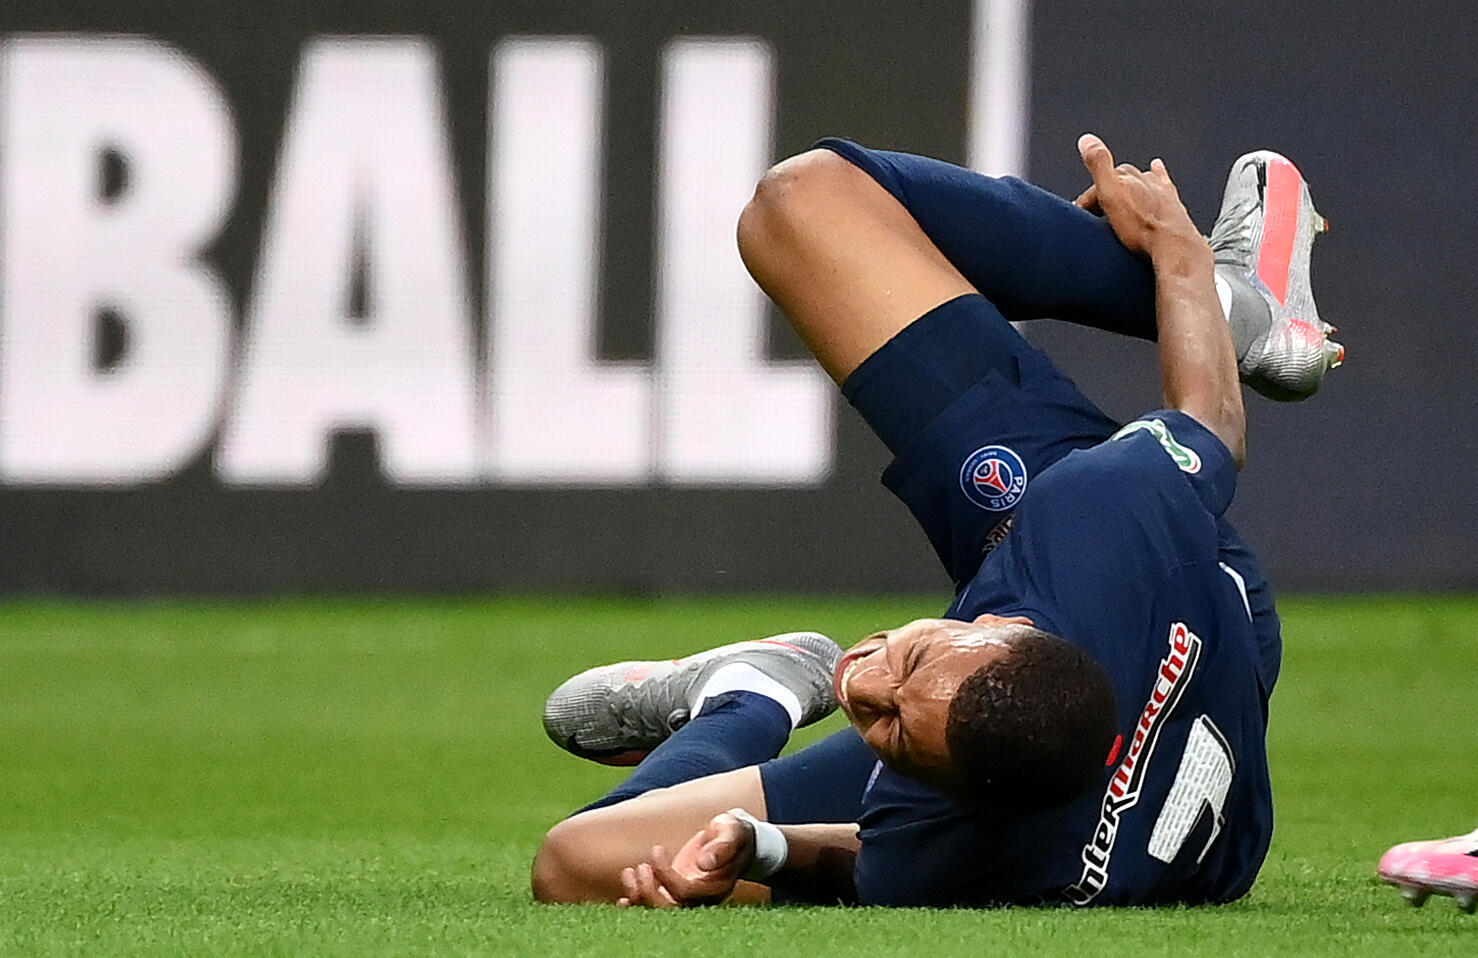 كيليان مبابي يتعرض للإصابة خلال مباراة كأس فرنسا لكرة الثدم بين سان جرمان وسانت إتيان مساء 24 يوليو تموز 2020